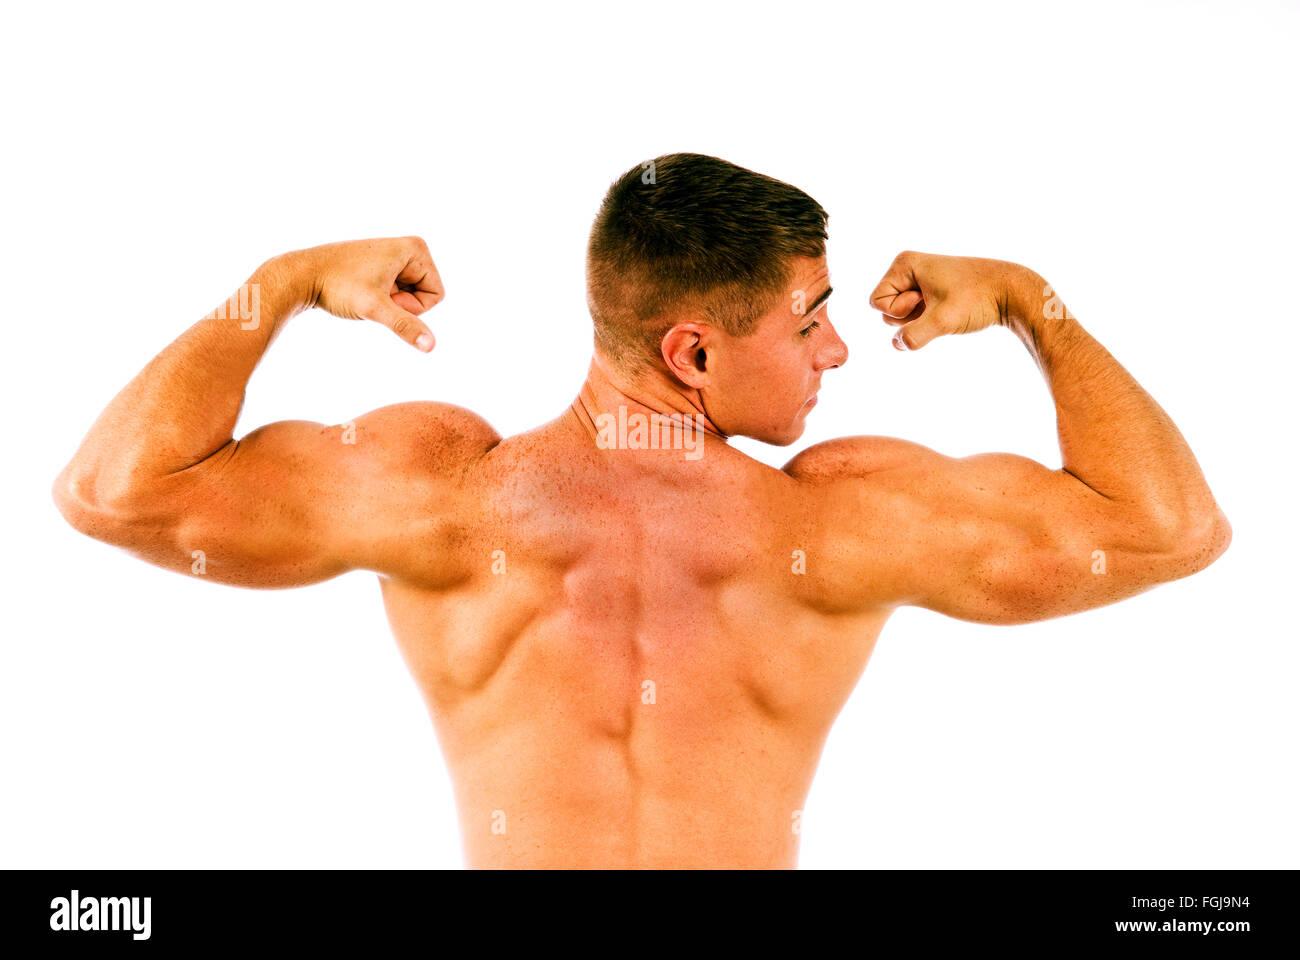 Jeune homme musclé Photo Stock